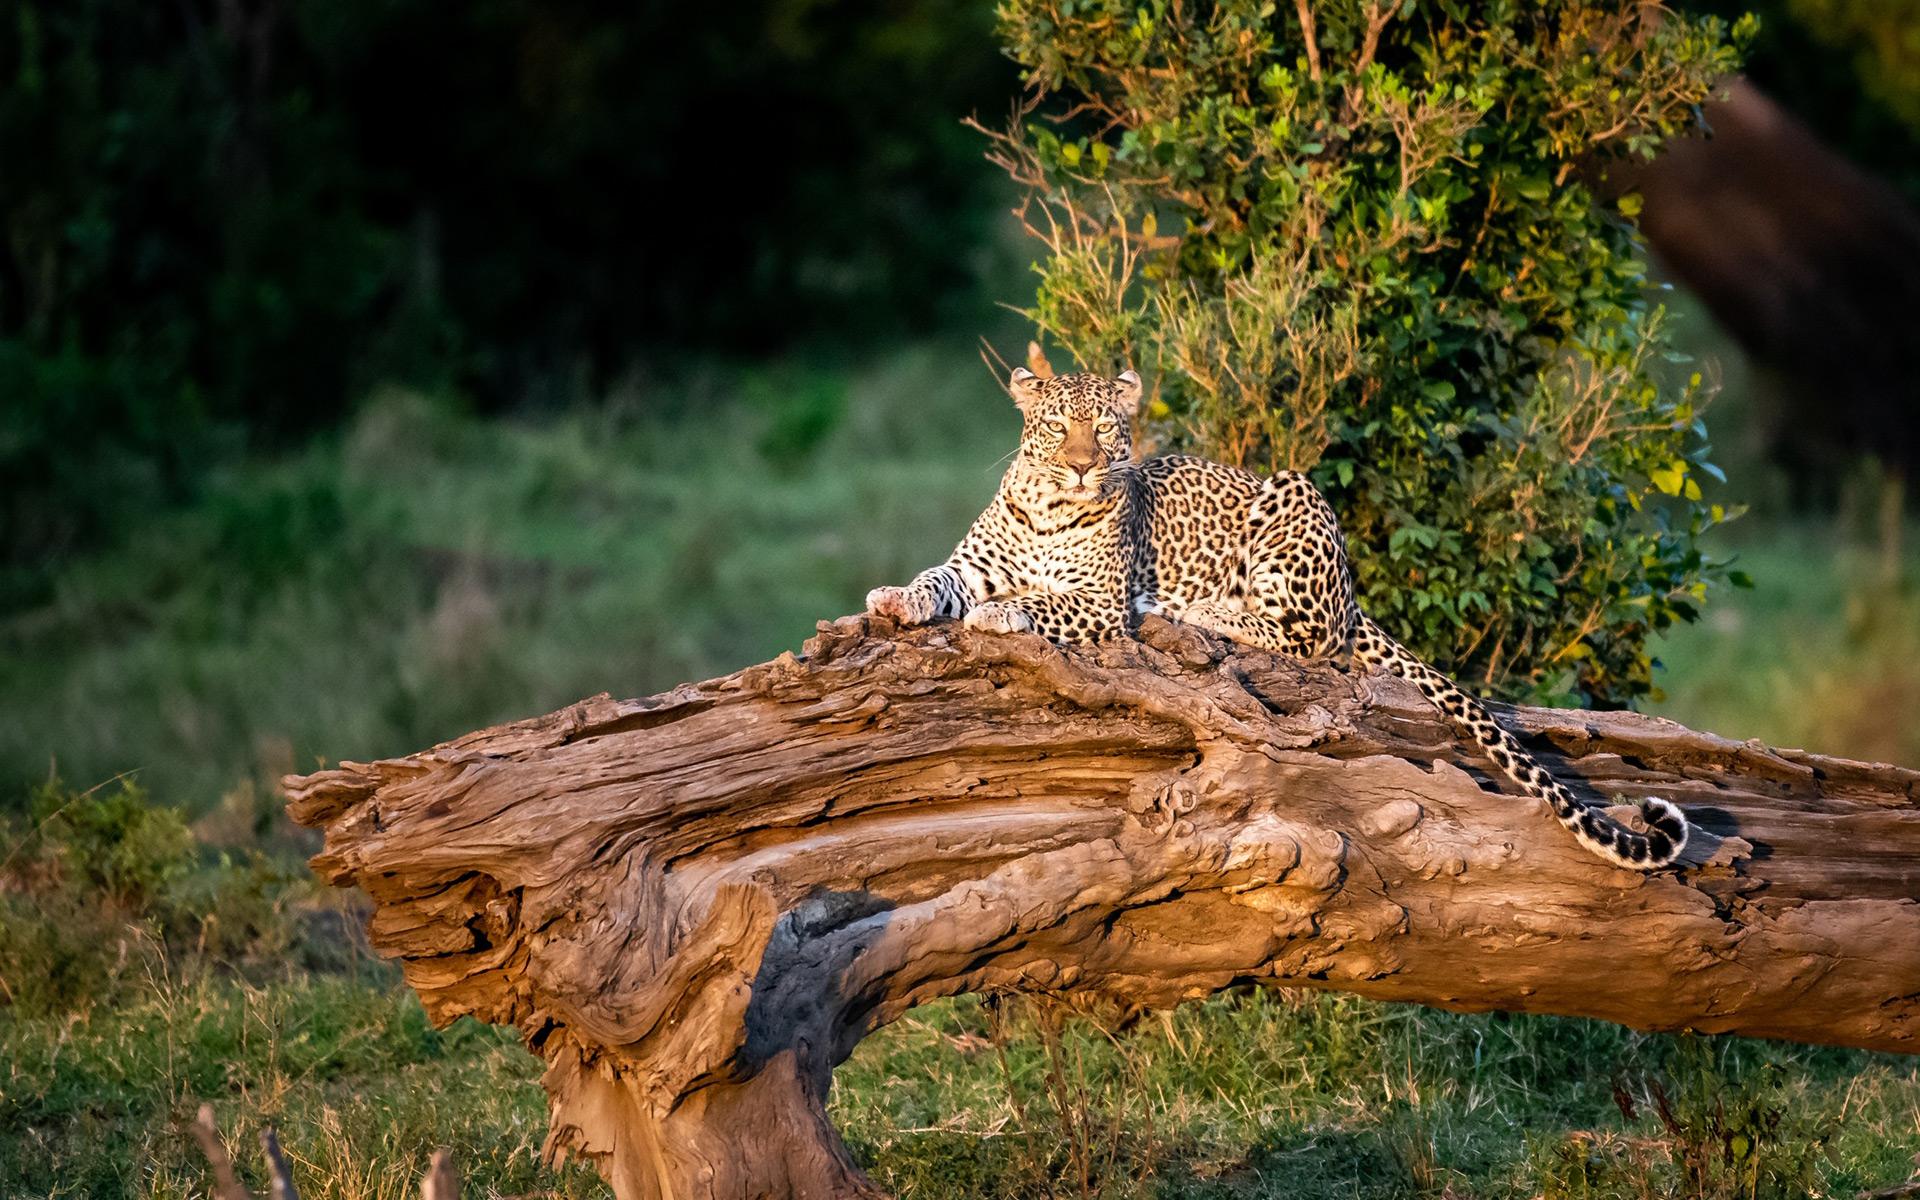 Leopard on tree stump